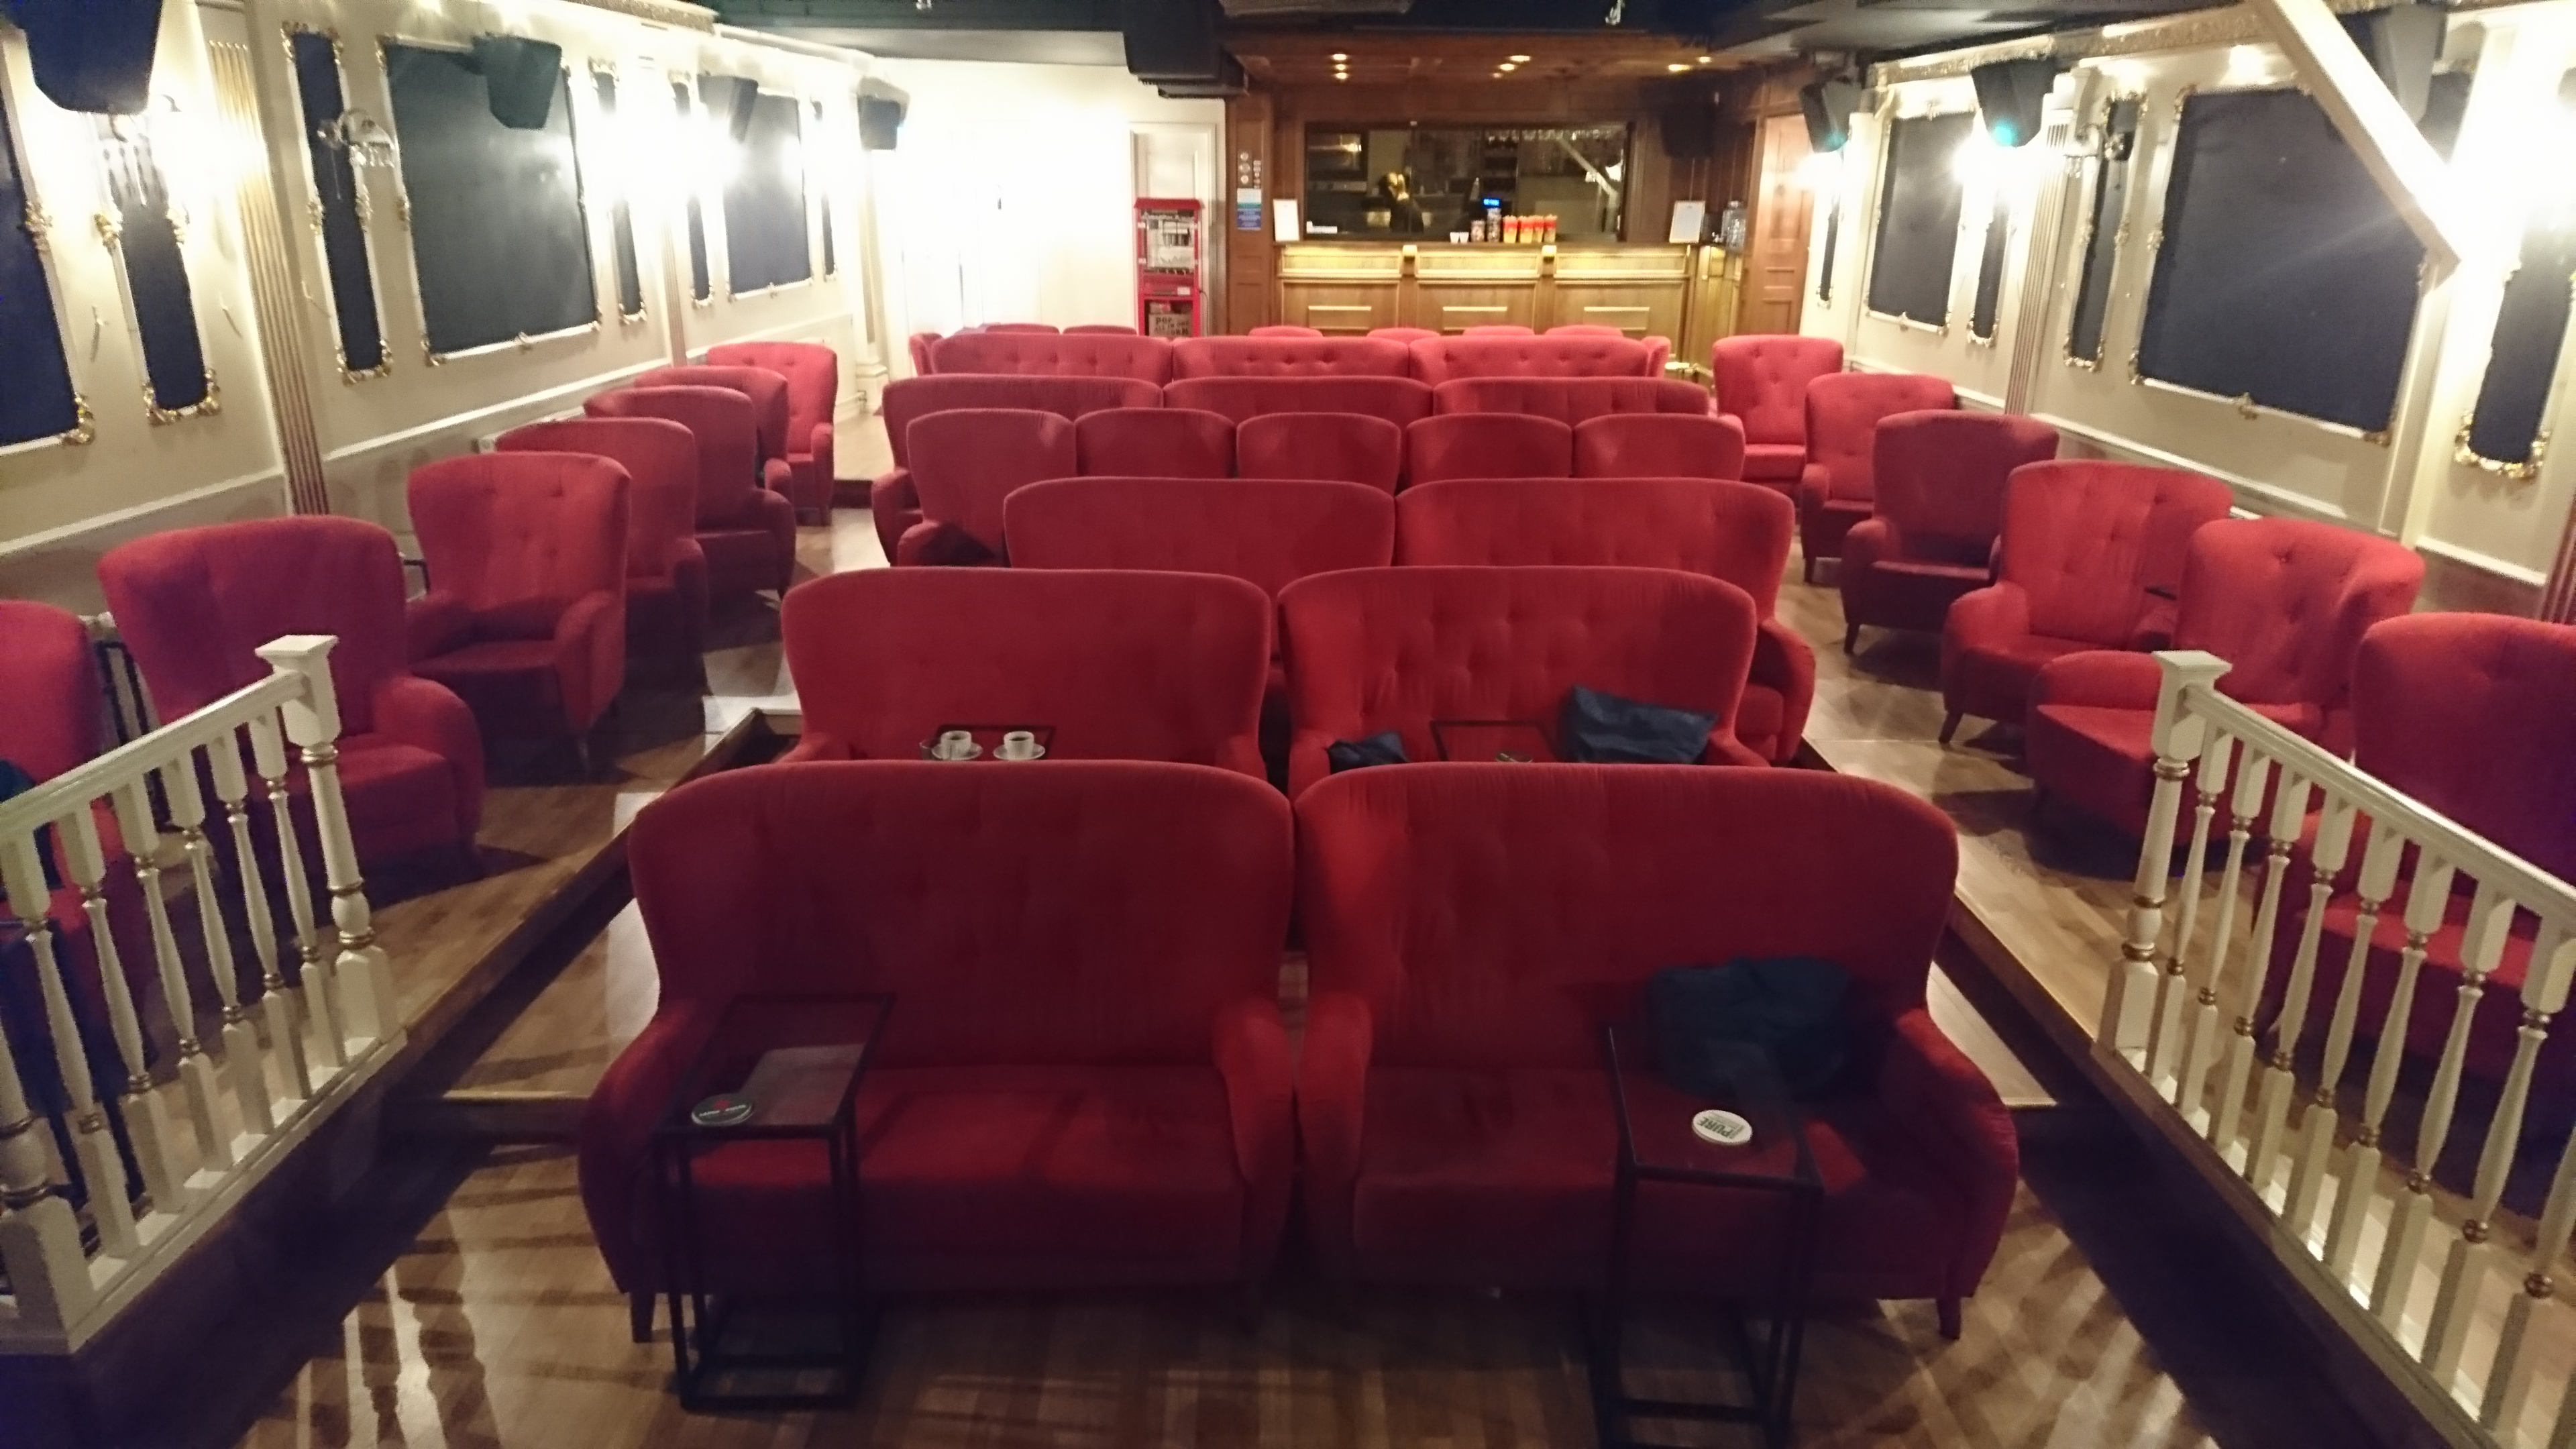 Barnfilmfestival i malmo